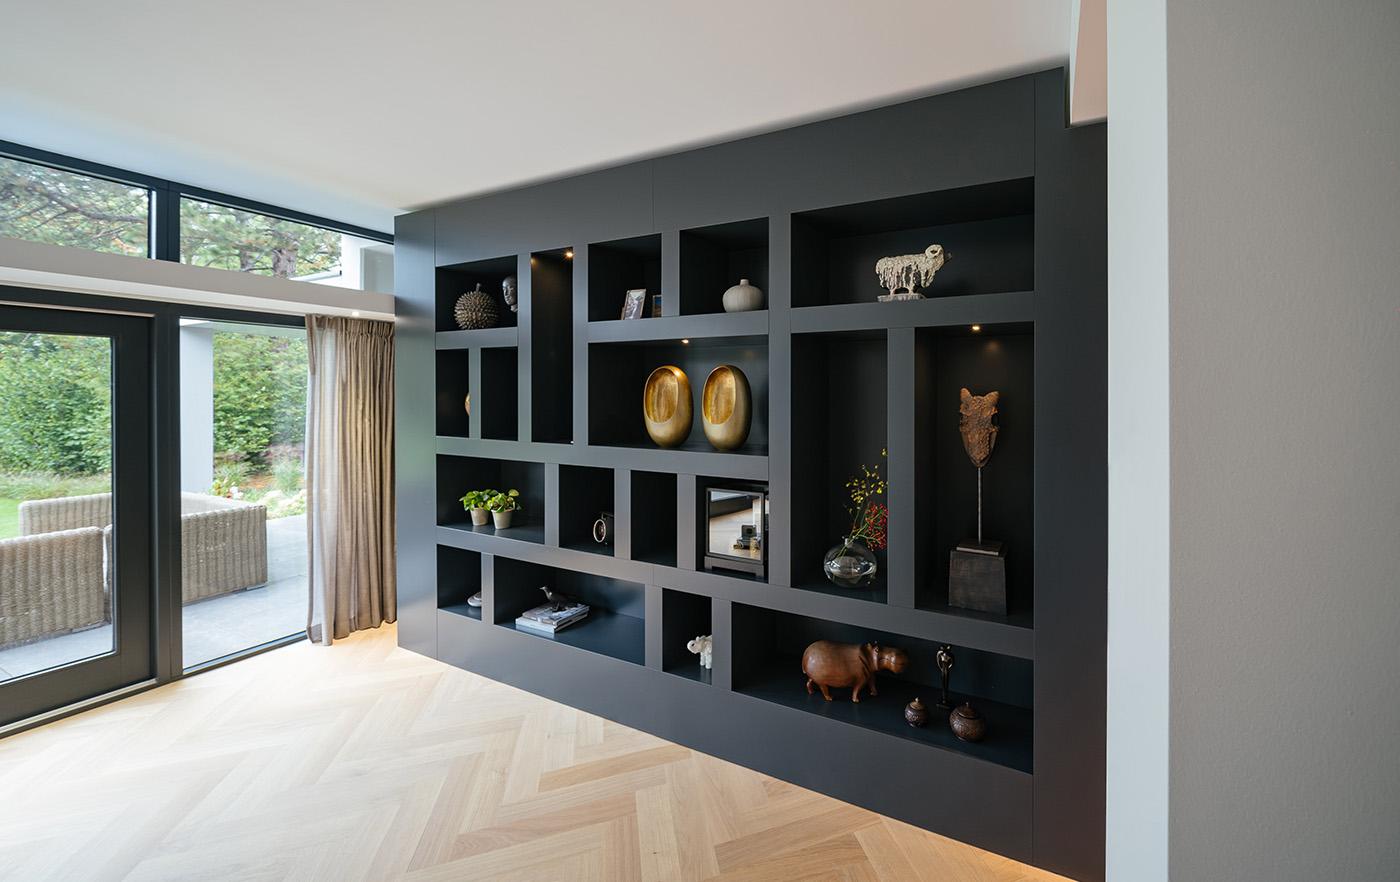 Wij zouden iedereen de interieur tip geven om met een vakkenkast van herinneringen te maken om zo woonkamer inspiratie te maken